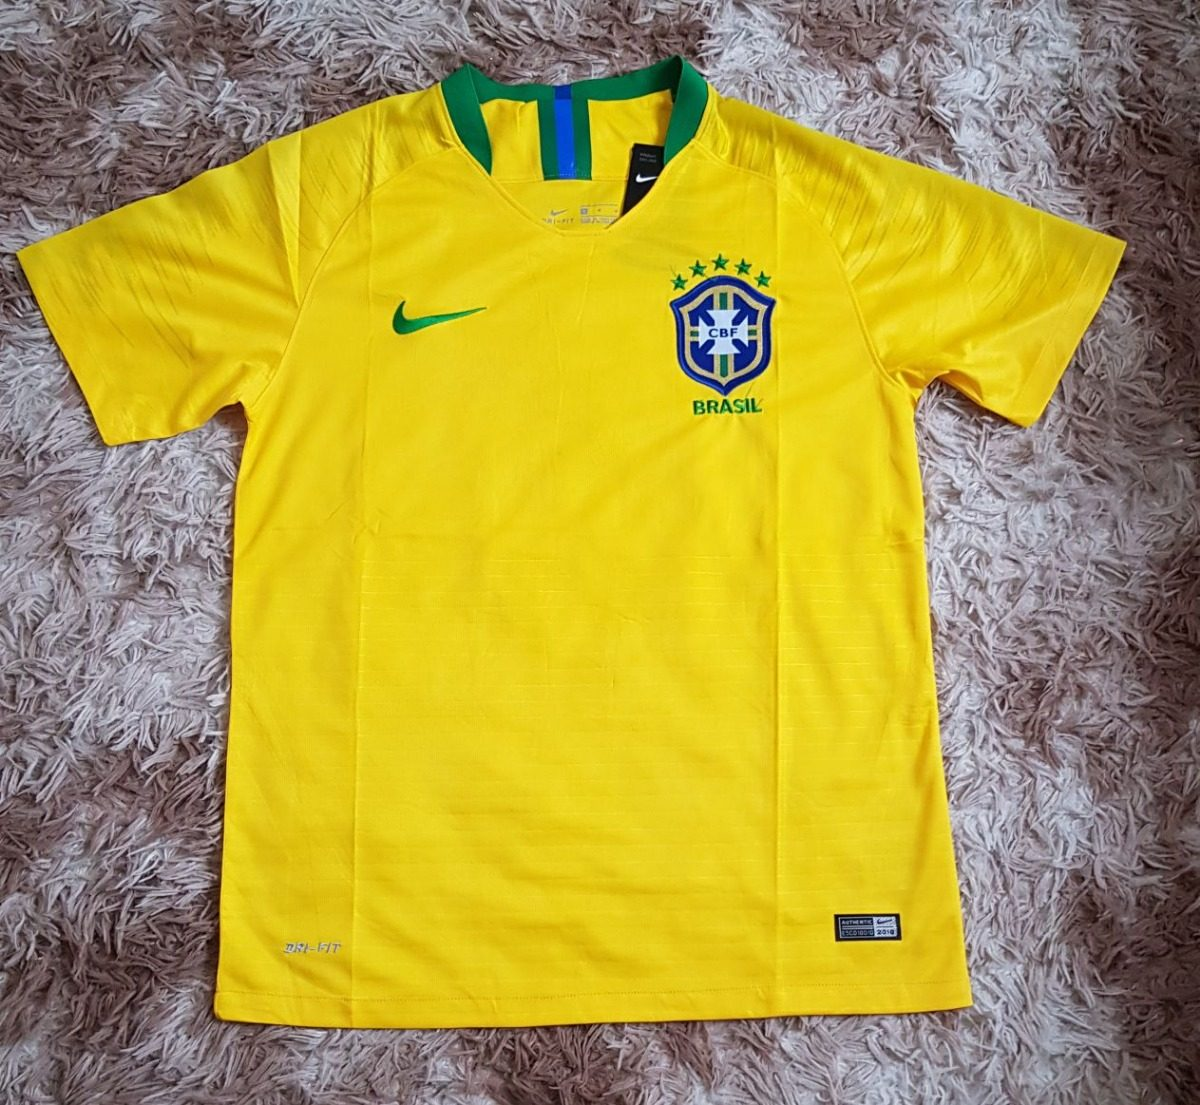 09b4ba2b0162f camisa nike seleção brasileira original 2018 rasga preço. Carregando zoom.